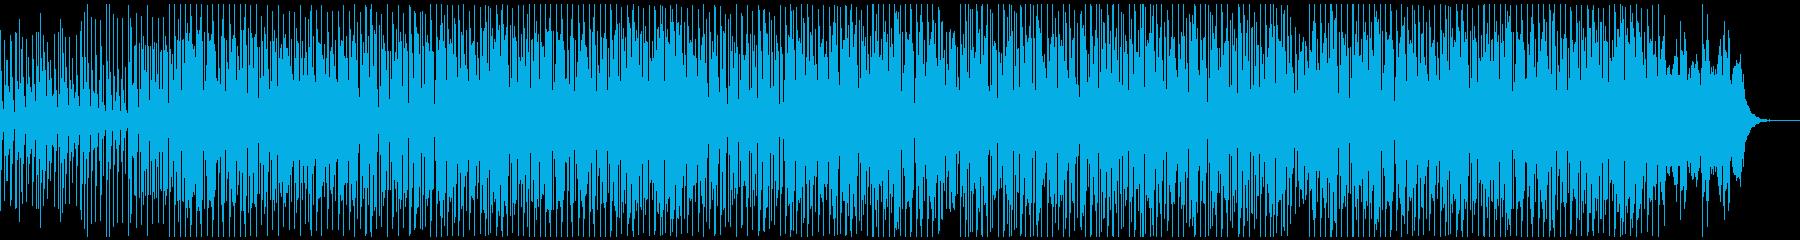 ノリが良い民族的なエスニックBGMの再生済みの波形